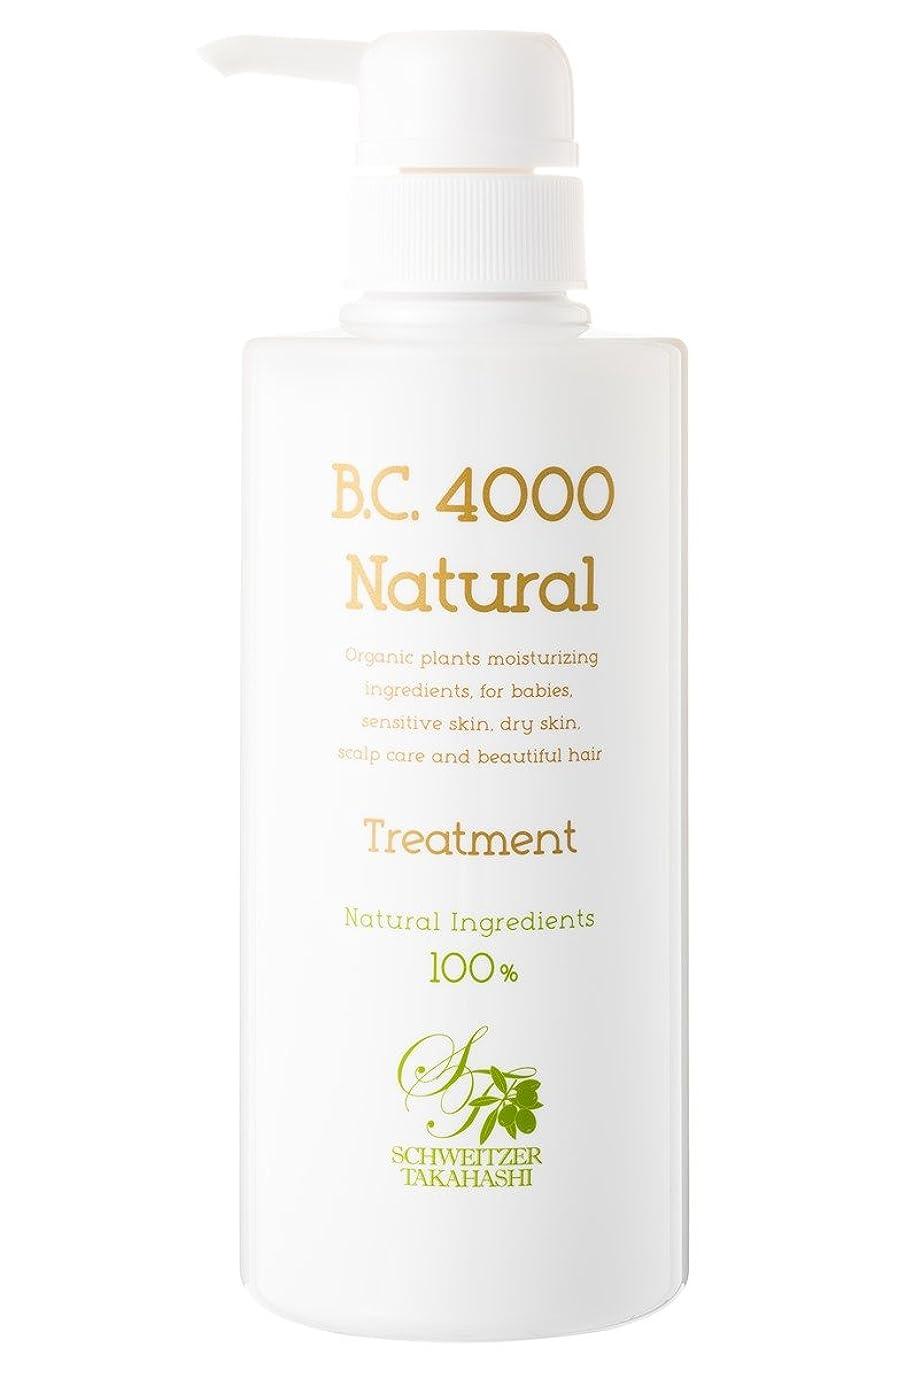 臨検パットアボートB.C.4000 100%天然由来 ノンシリコントリートメント ナチュラル オーガニック 植物エキス配合 (400g)